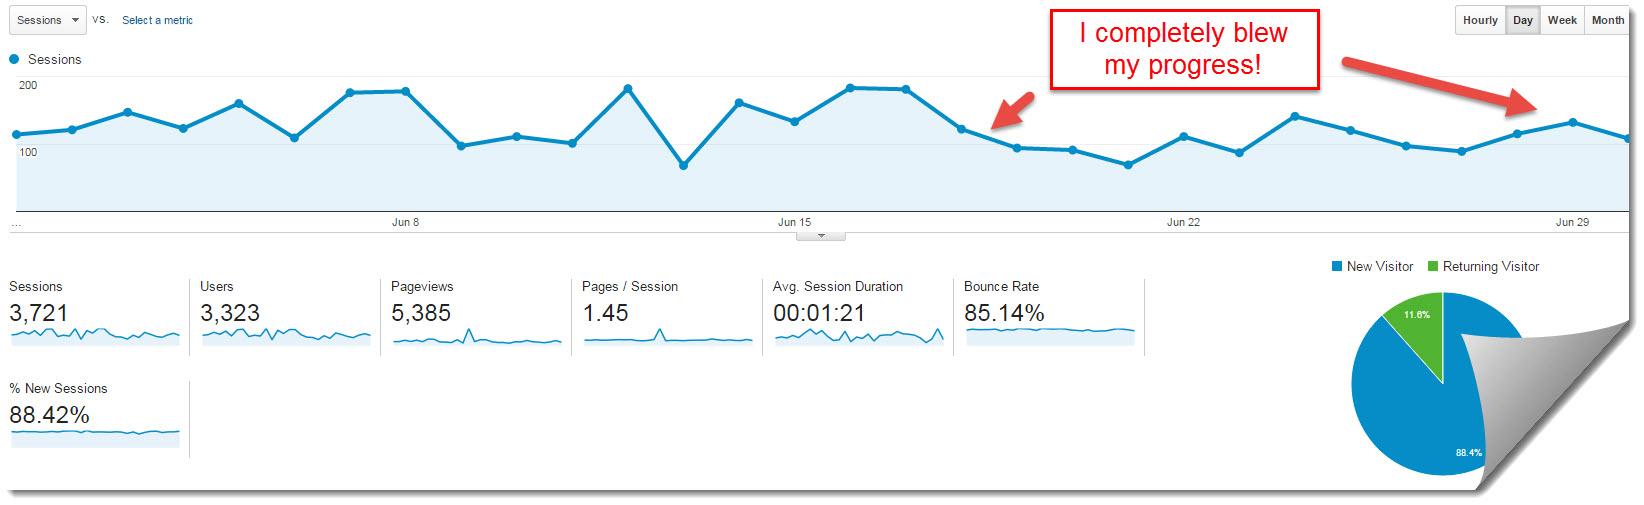 my internet quest June 2015 google analytics